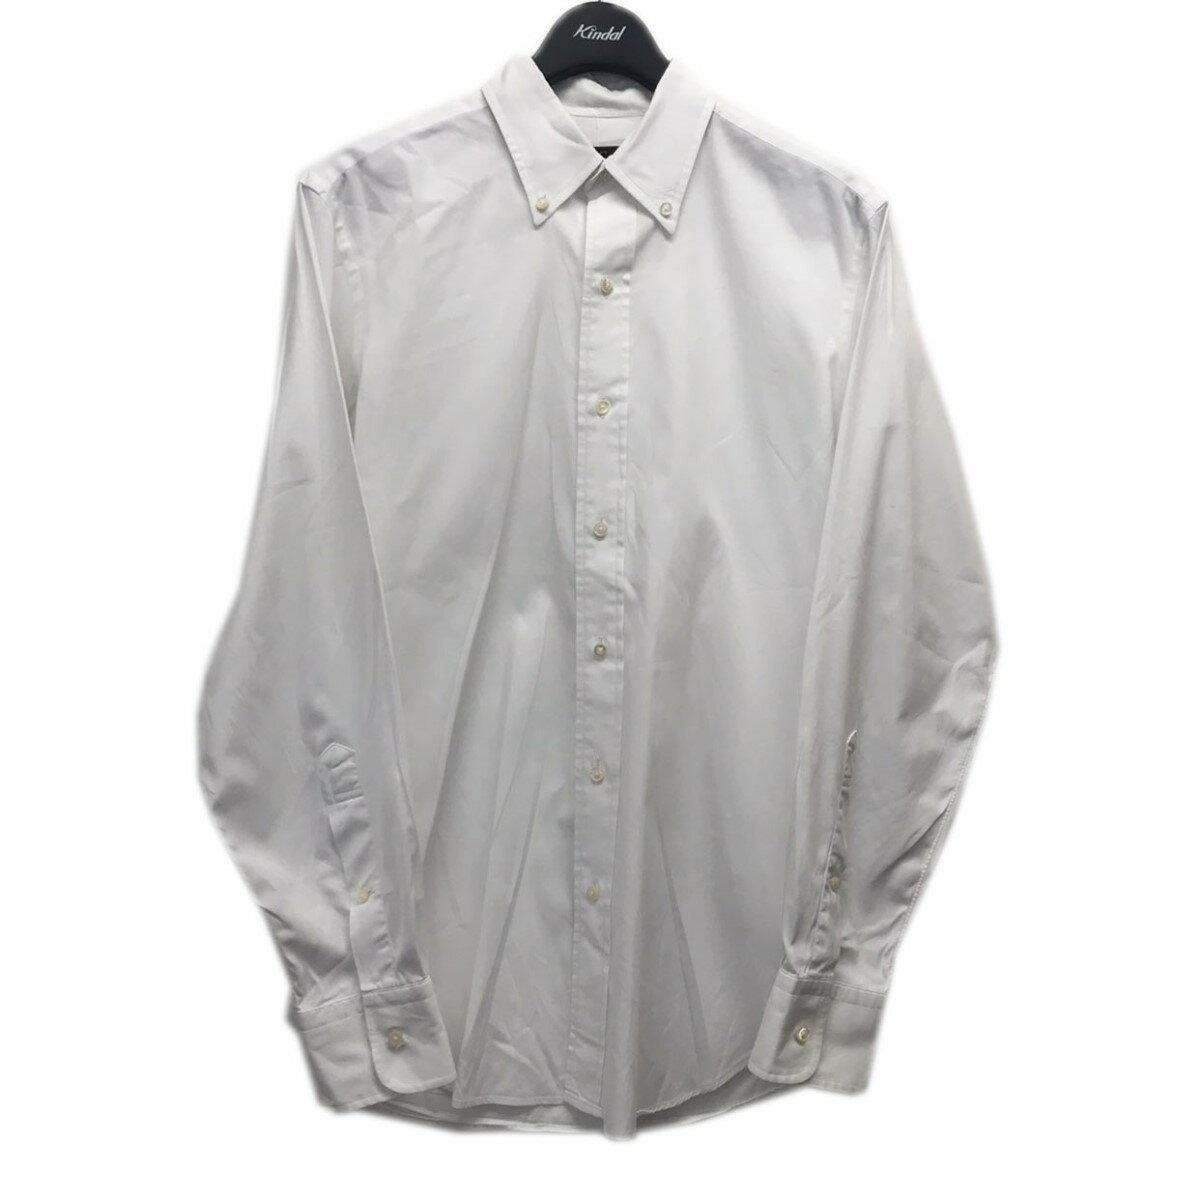 トップス, Tシャツ・カットソー Freemans Sporting Club L 040621